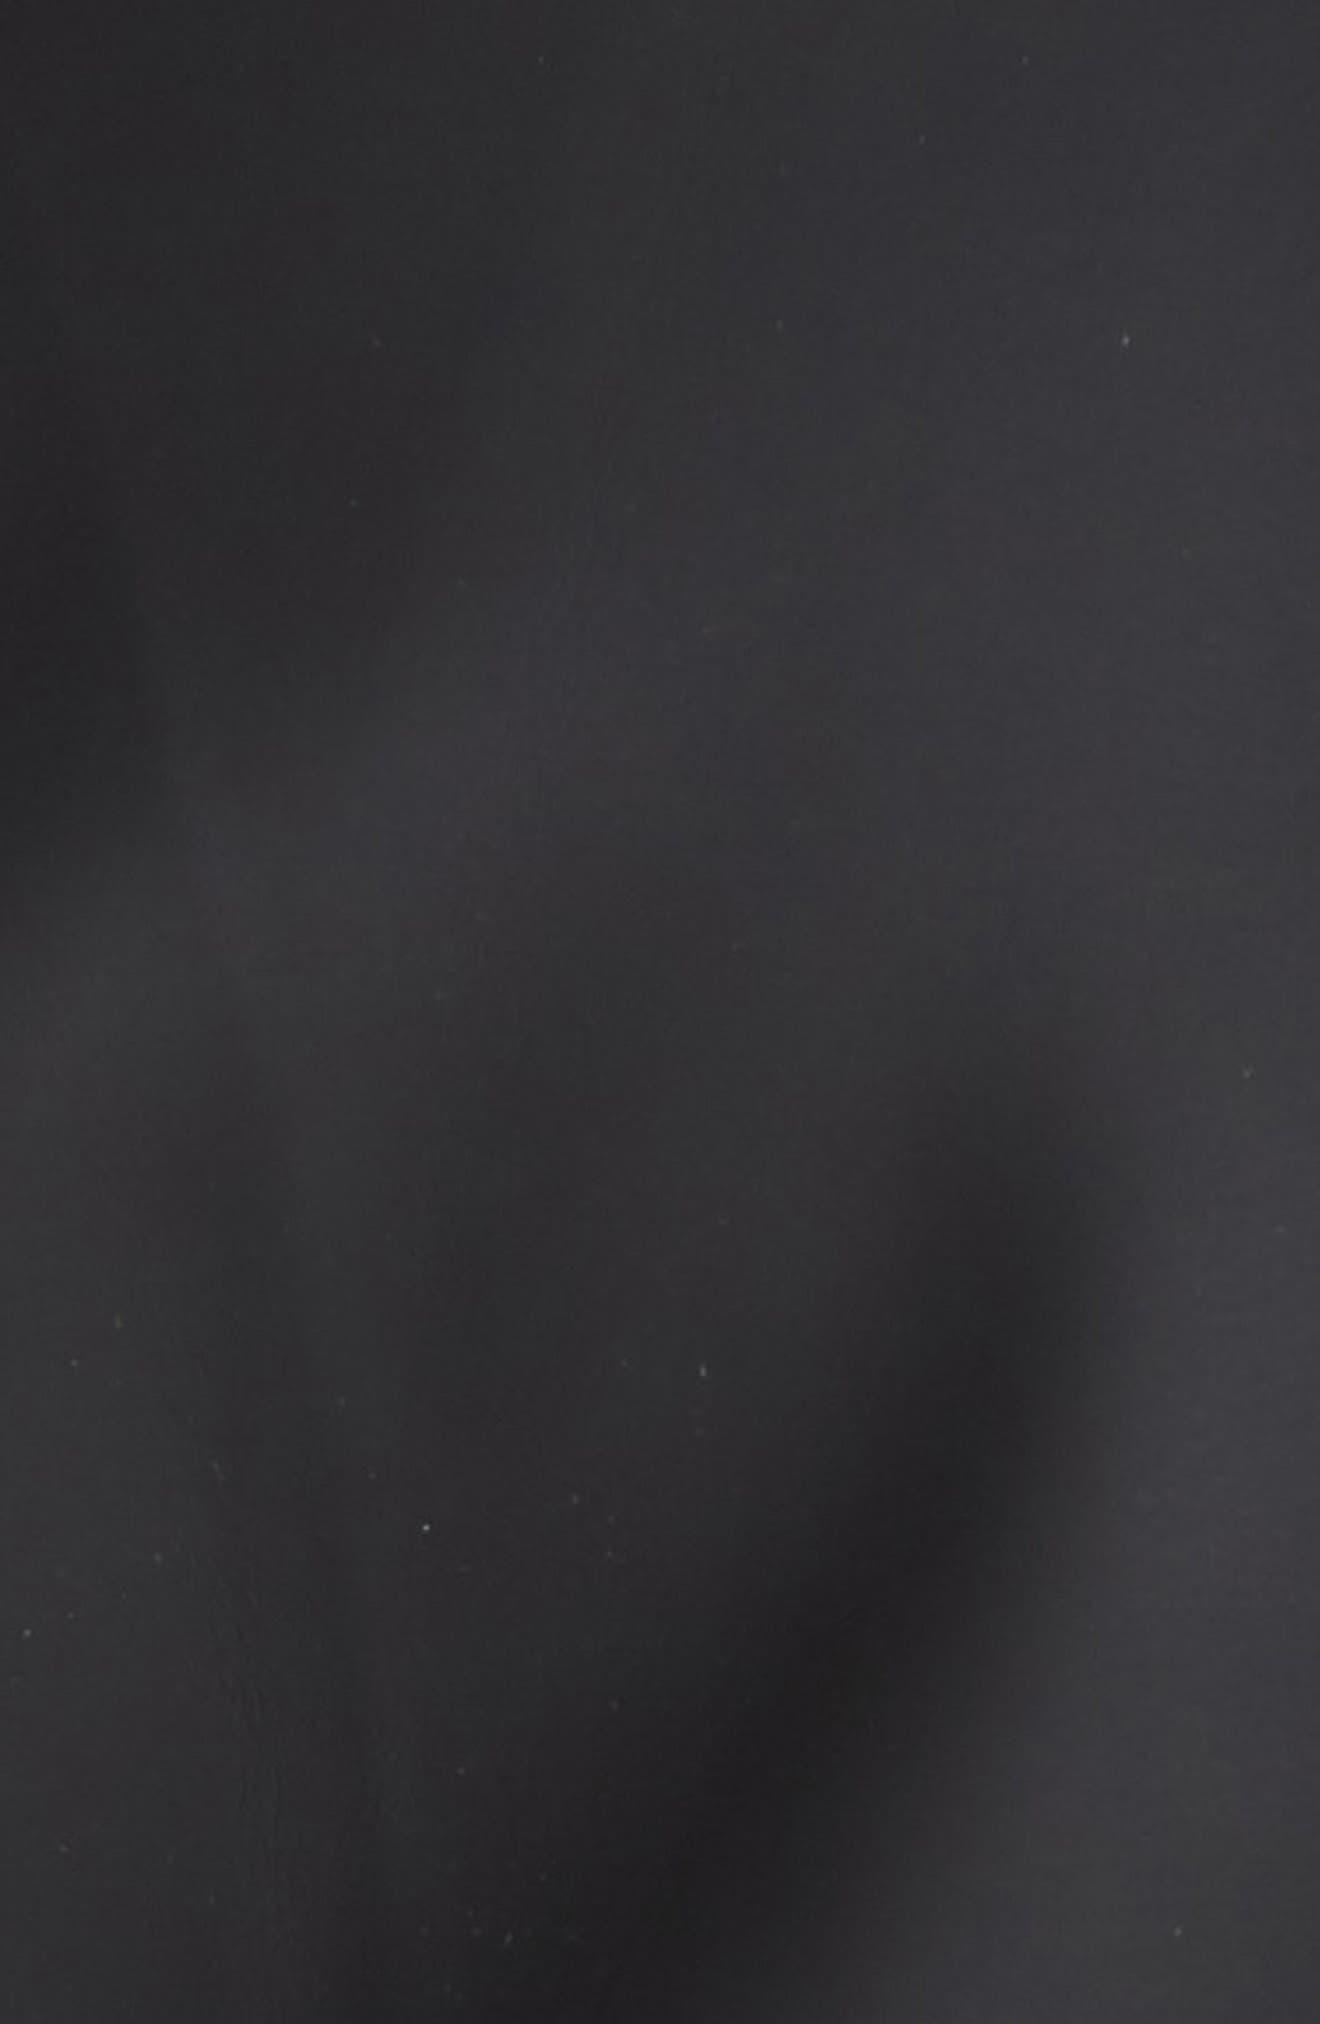 Rubberized Fishtail Parka,                             Alternate thumbnail 7, color,                             BLACK